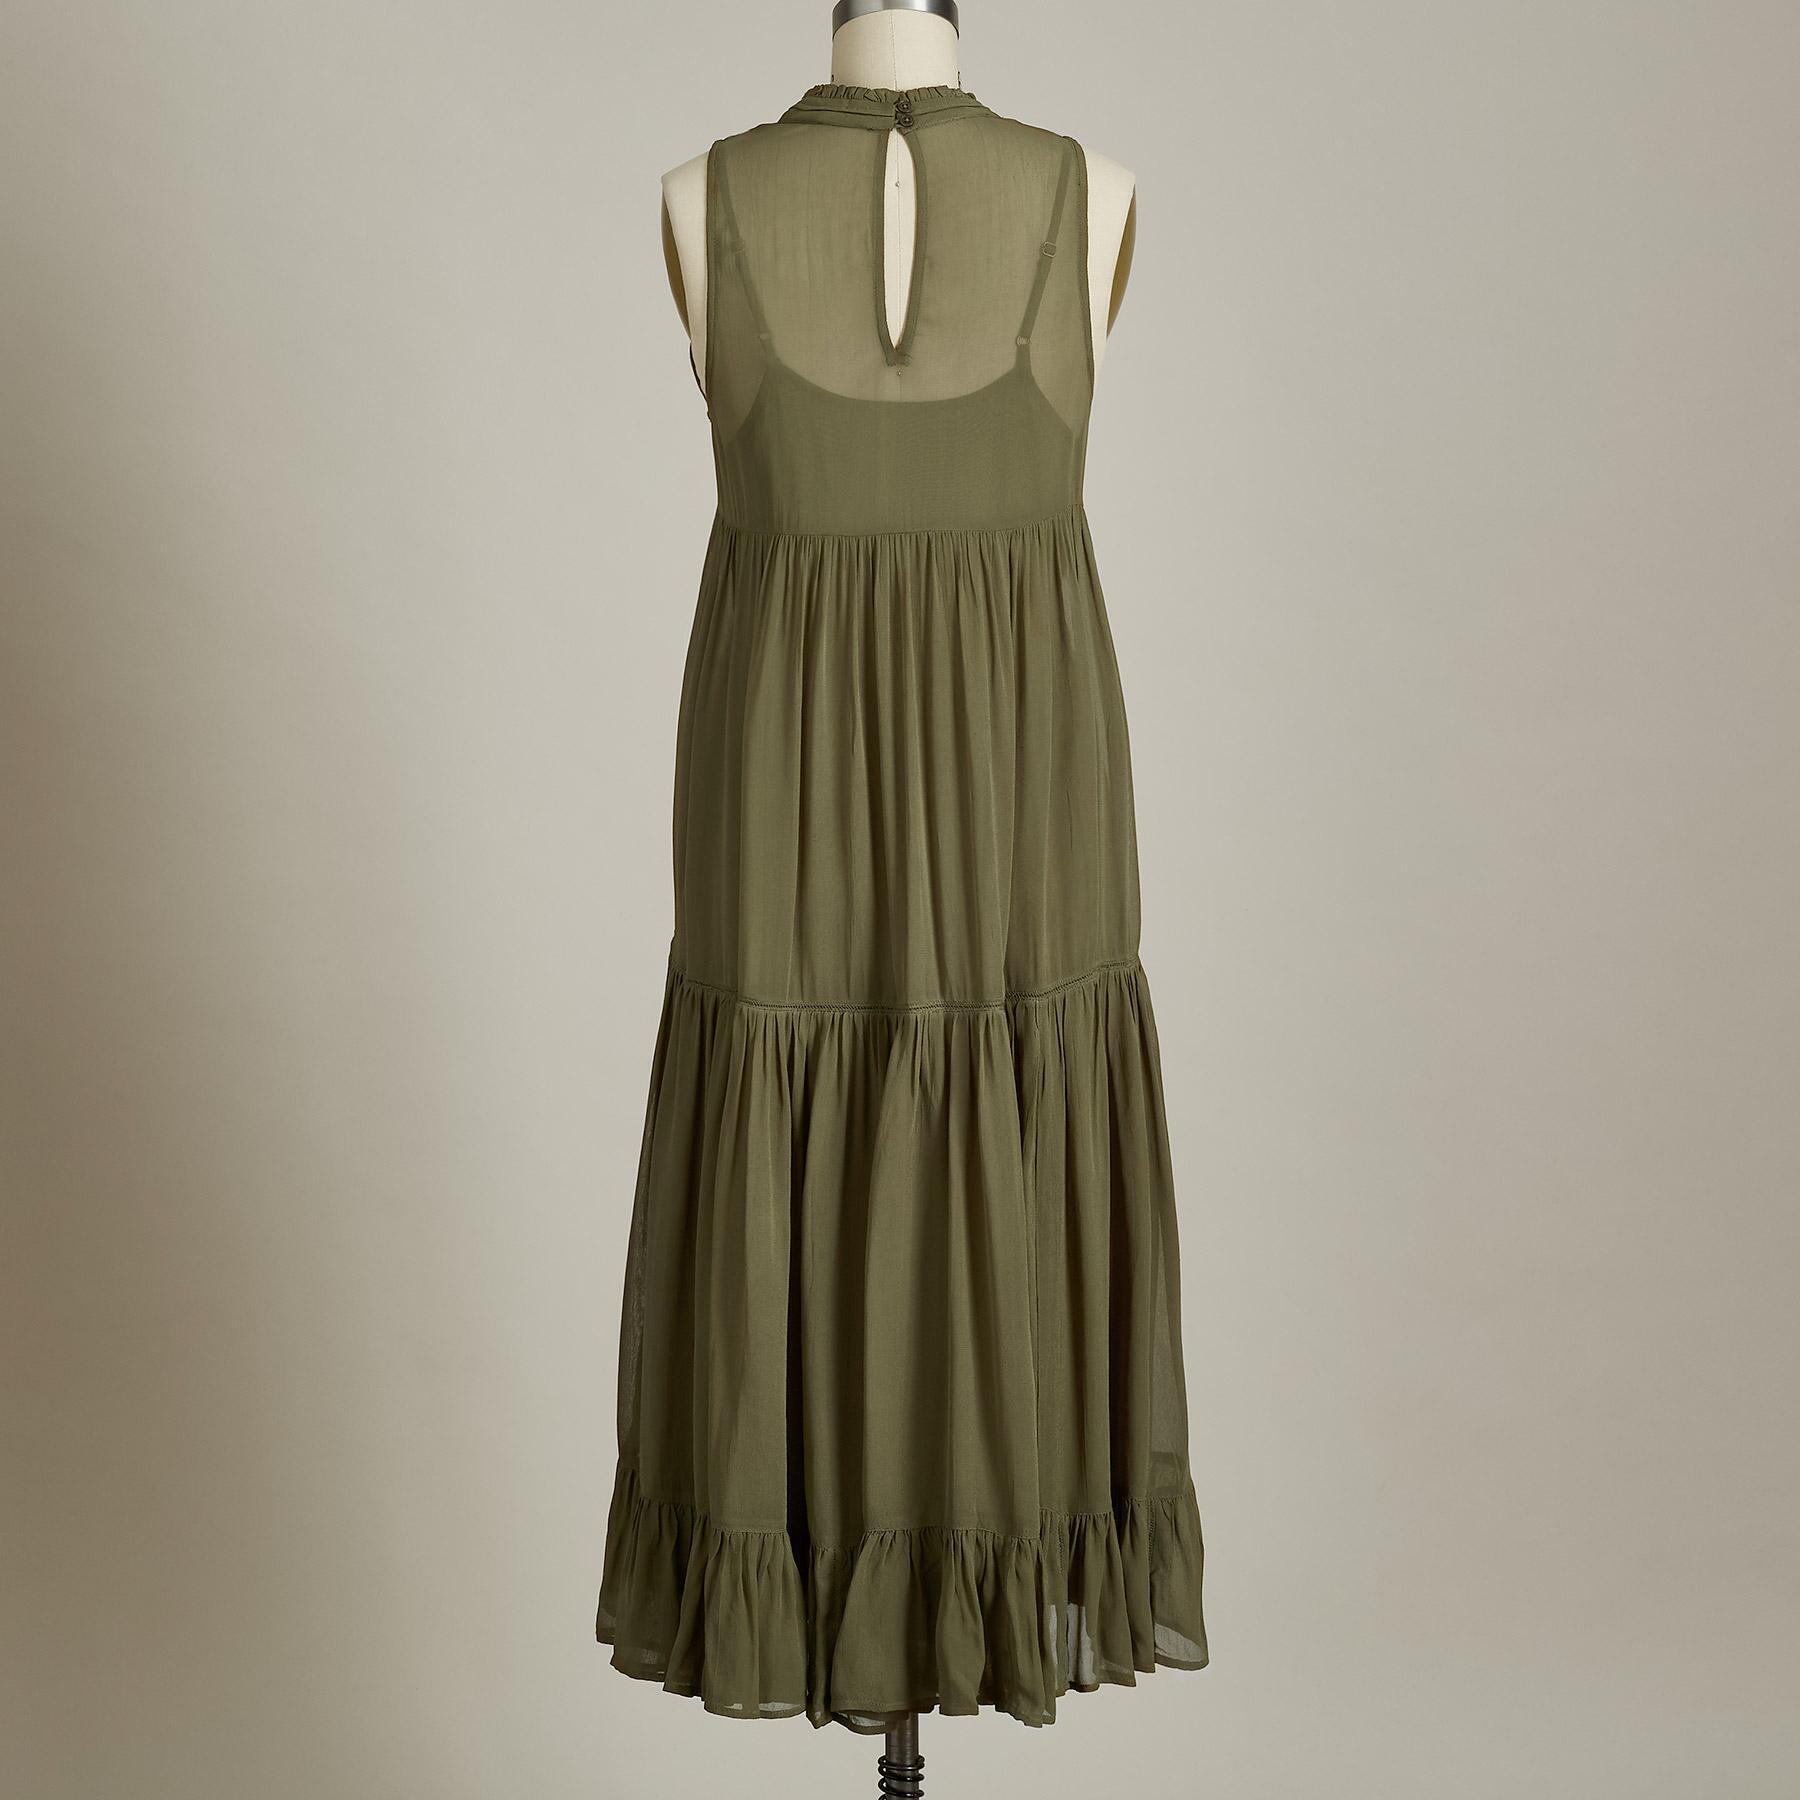 ROYAL CROWN DRESS - PETITES: View 2